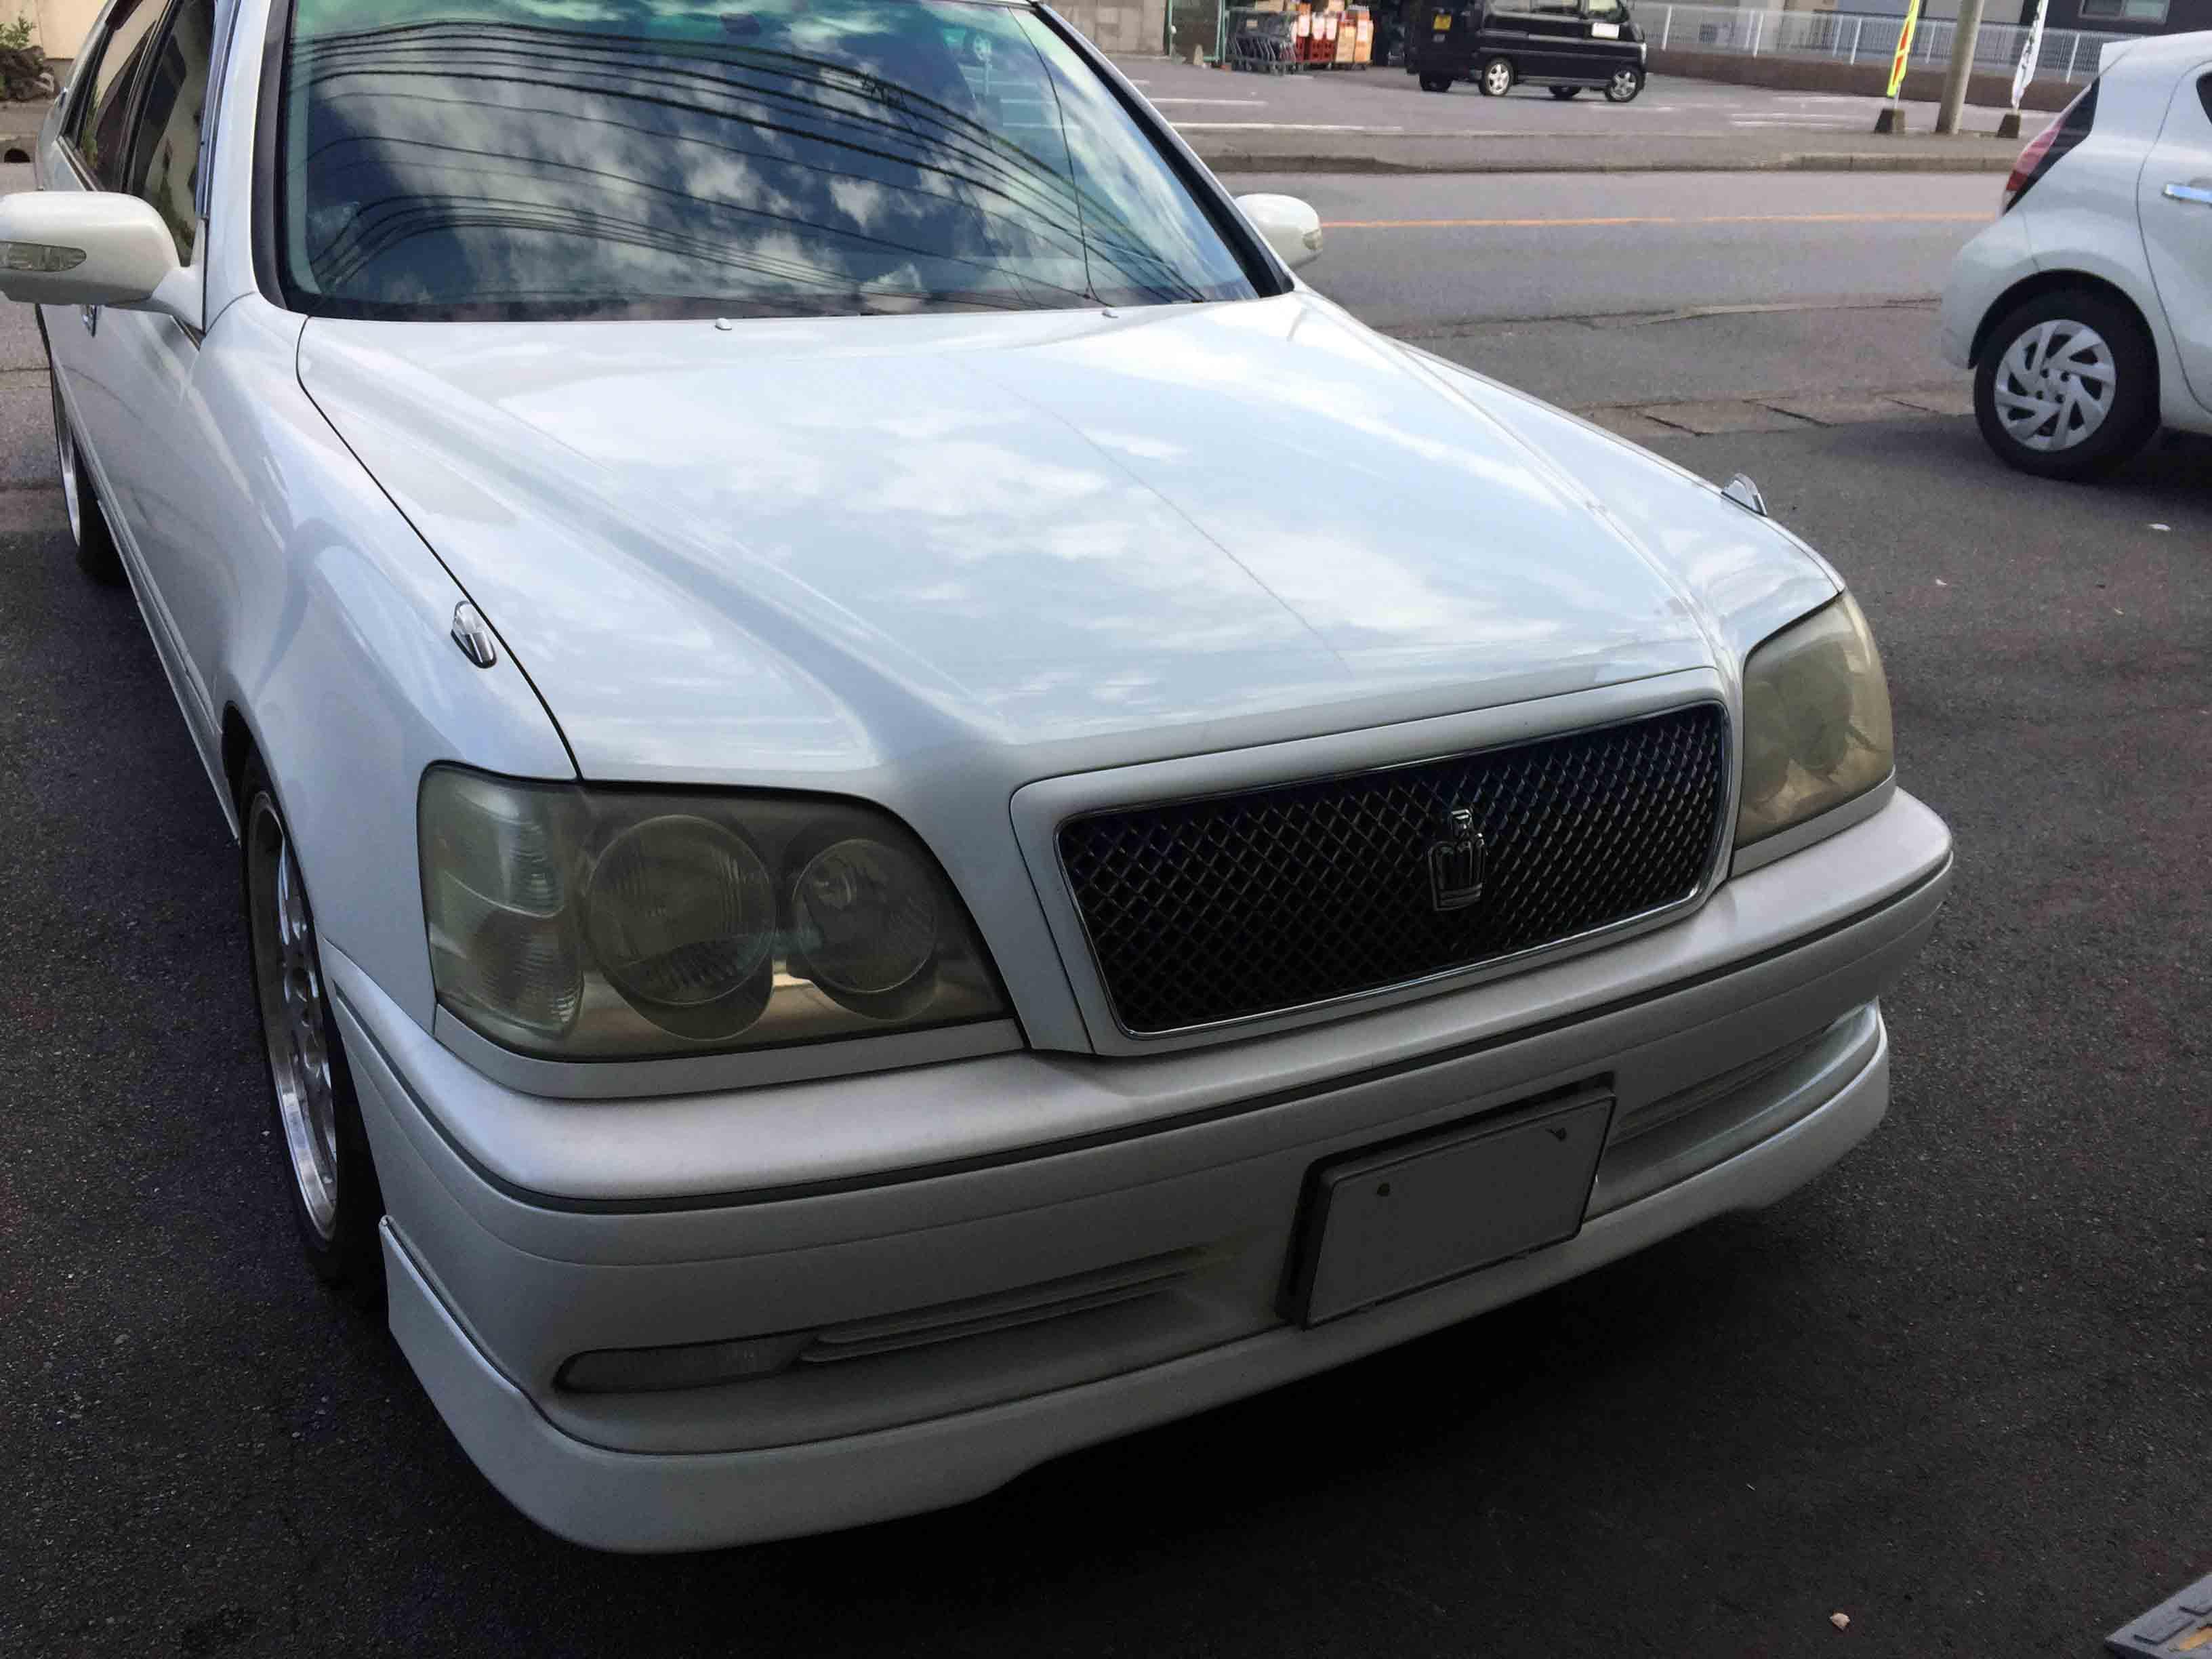 トヨタ17系クラウンの劣化し黄ばみやくすみが発生したヘッドライトで見た目の印象も悪くなってしまいます